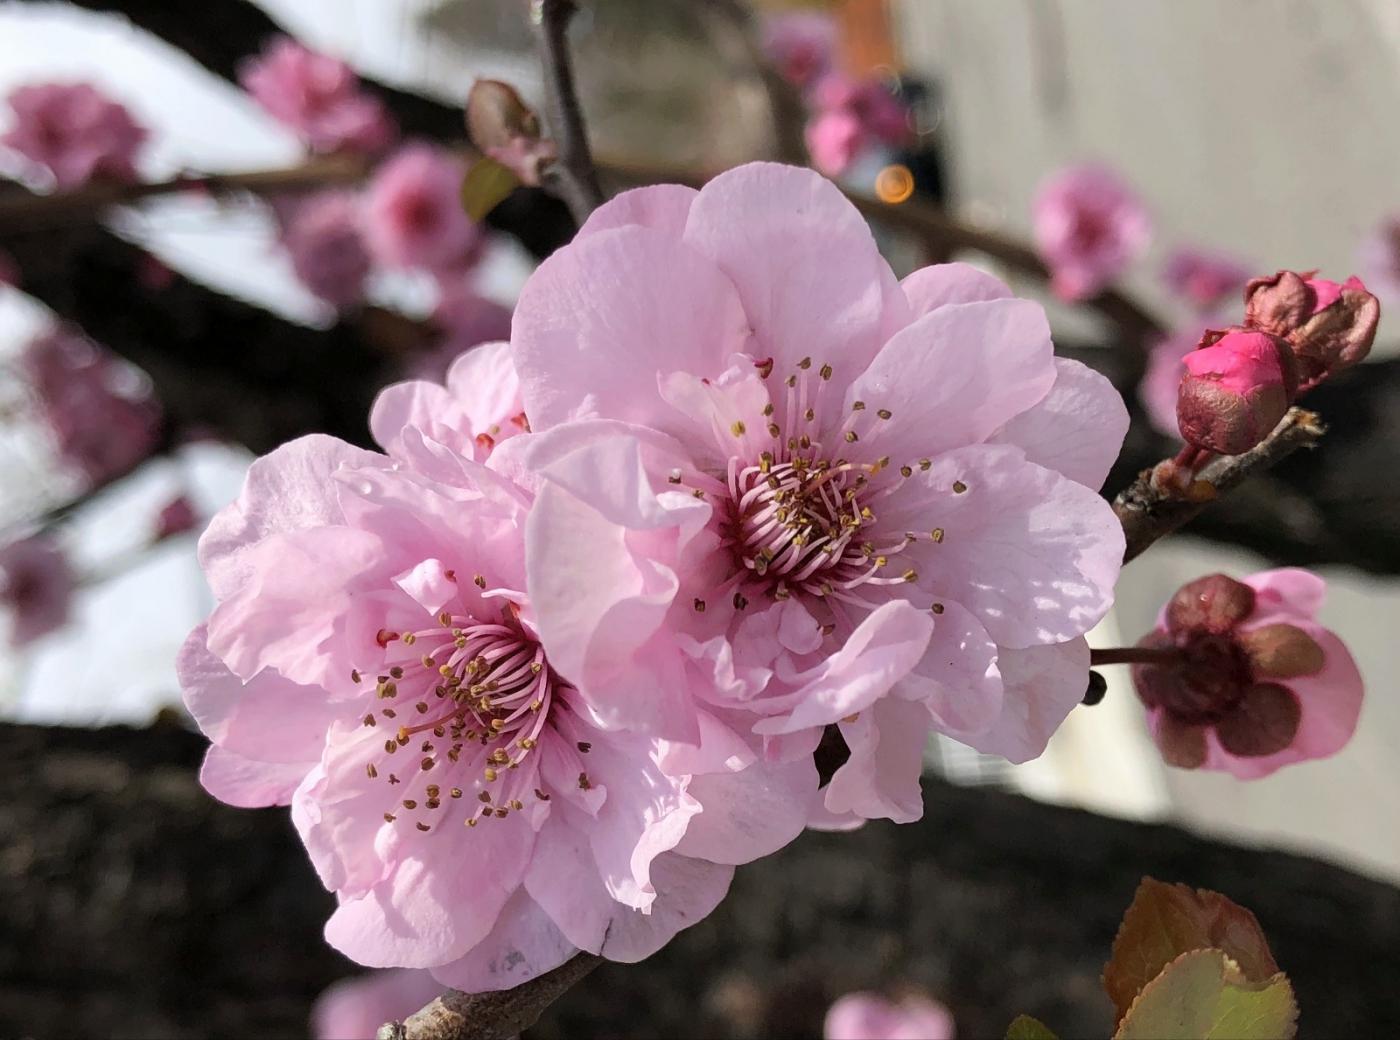 【田螺手机摄影】街口的杏花又开一年_图1-1